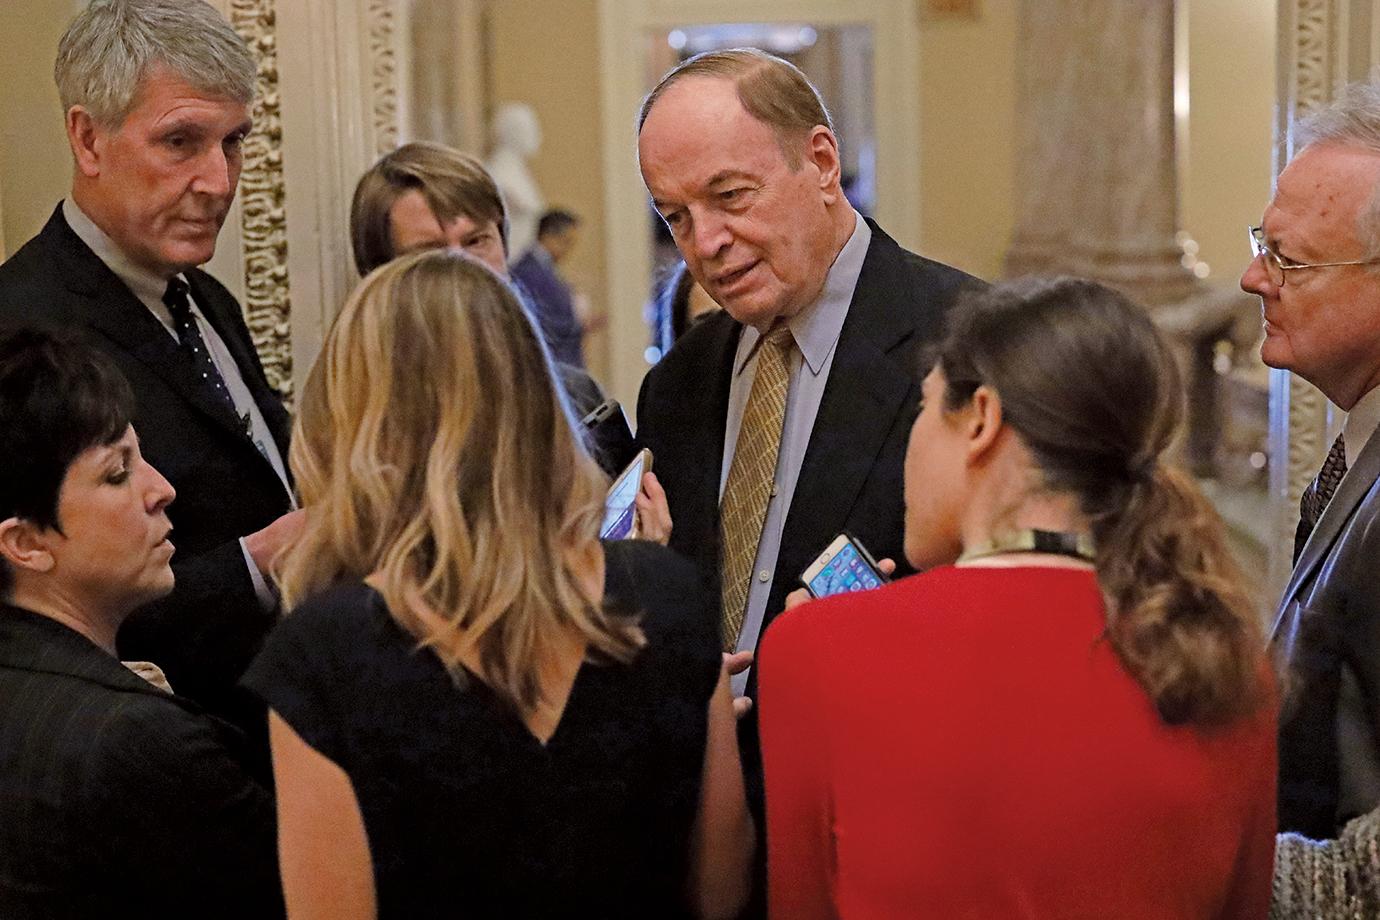 參議院撥款委員會主席謝爾比(Richard Shelby,中)表示兩黨最終達成協議的可能性有50%。(Getty Images)